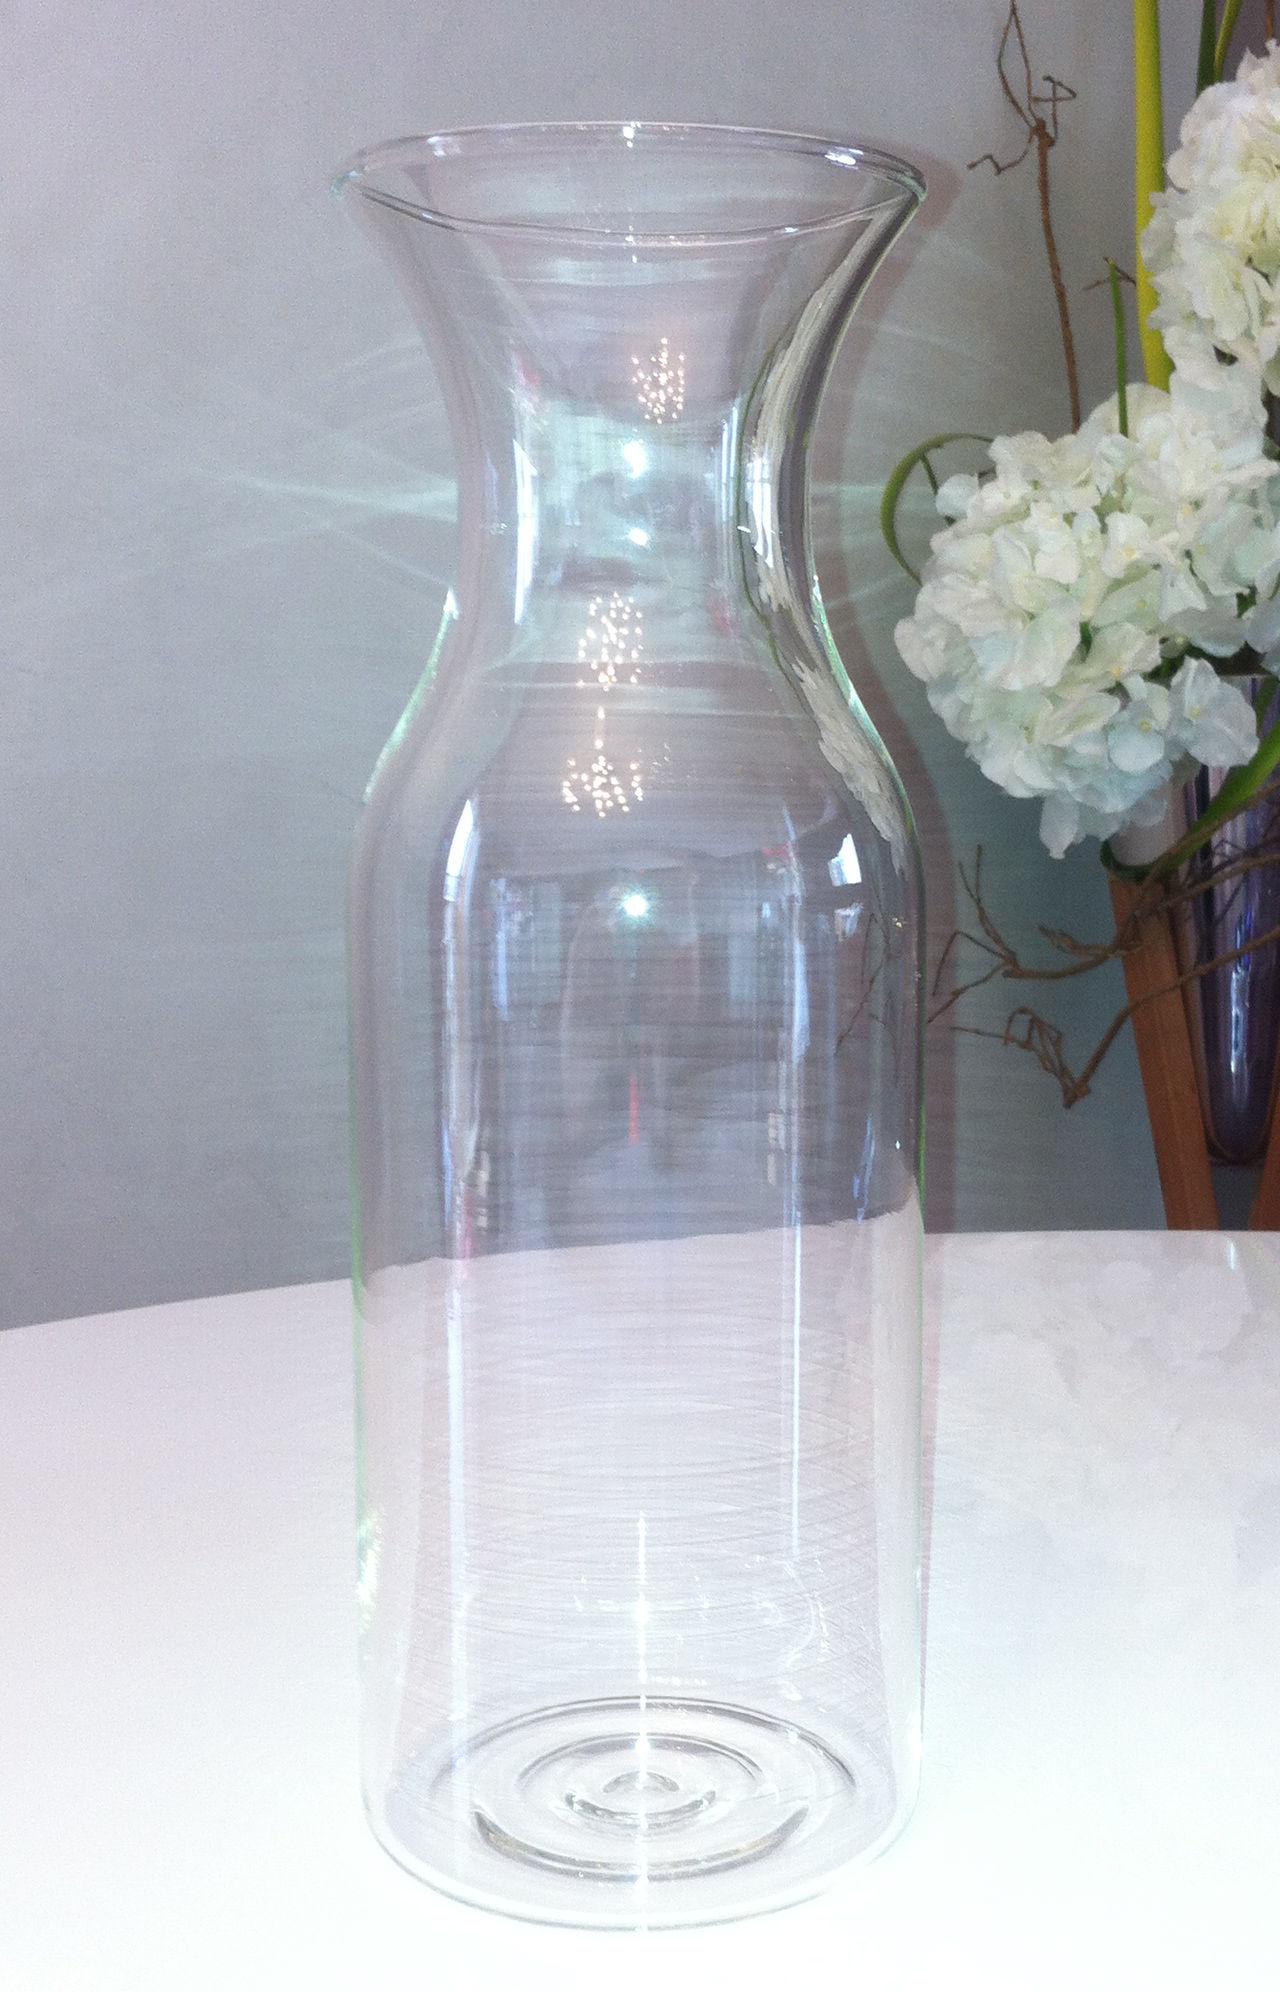 Tischkultur - Karaffen - Glaswaren Ersatzkaraffe für Karaffe Eva Solo 1l - Eva Solo - Ersatz-Karaffe - transparent - Glas